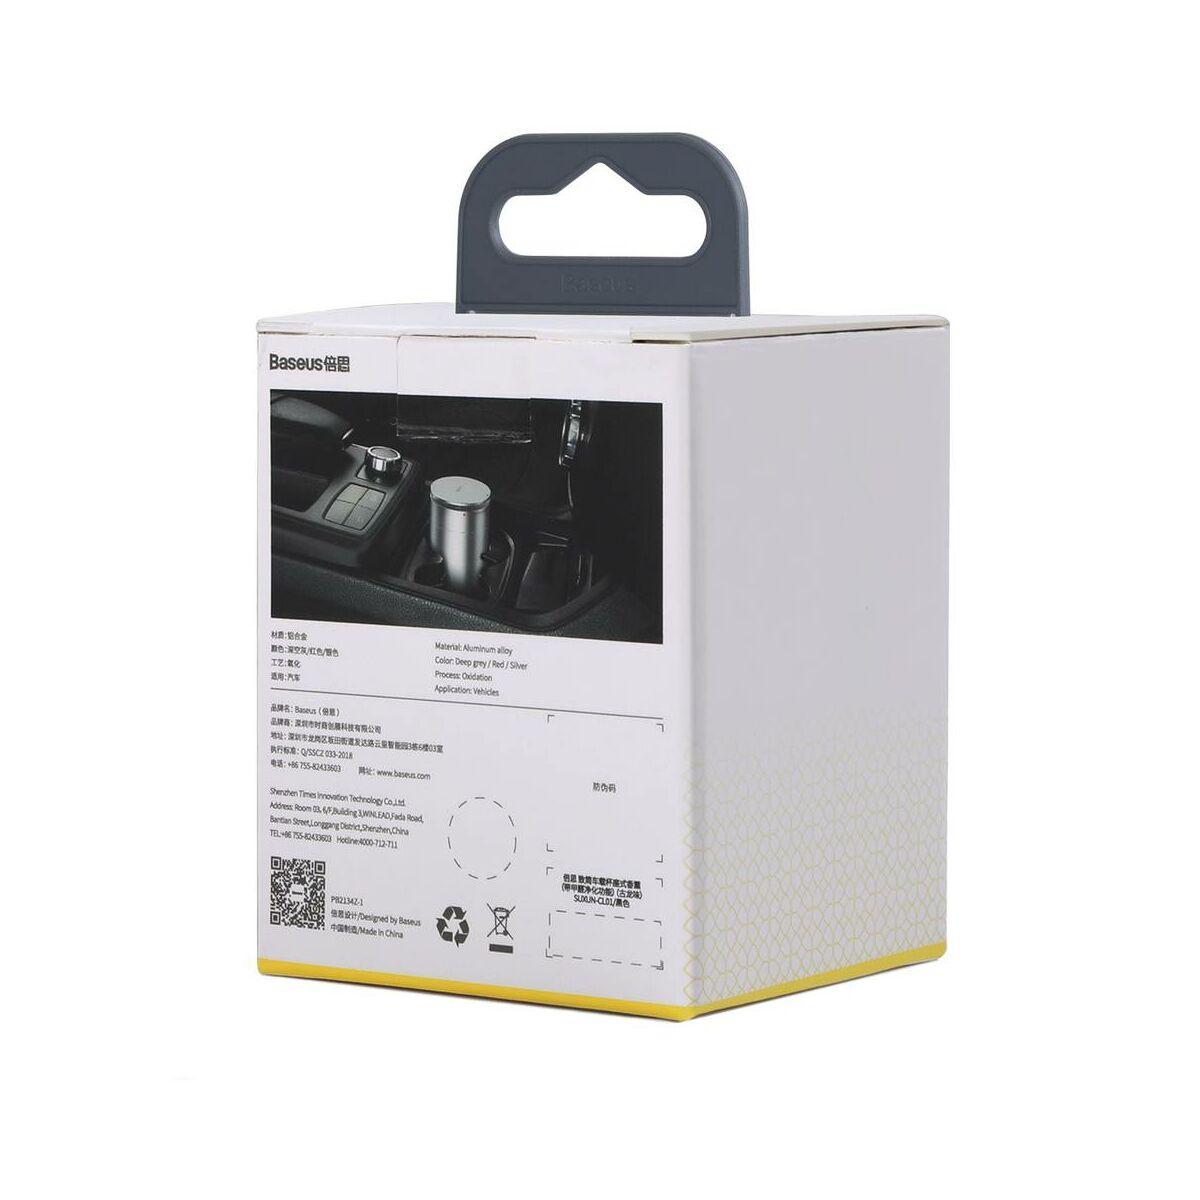 Baseus autós kiegészítő, Minimalist pohártartóba való légfrissítő, Cologne illattal (Formaldehydes tisztító funkció), fekete (SUXUN-CL01)